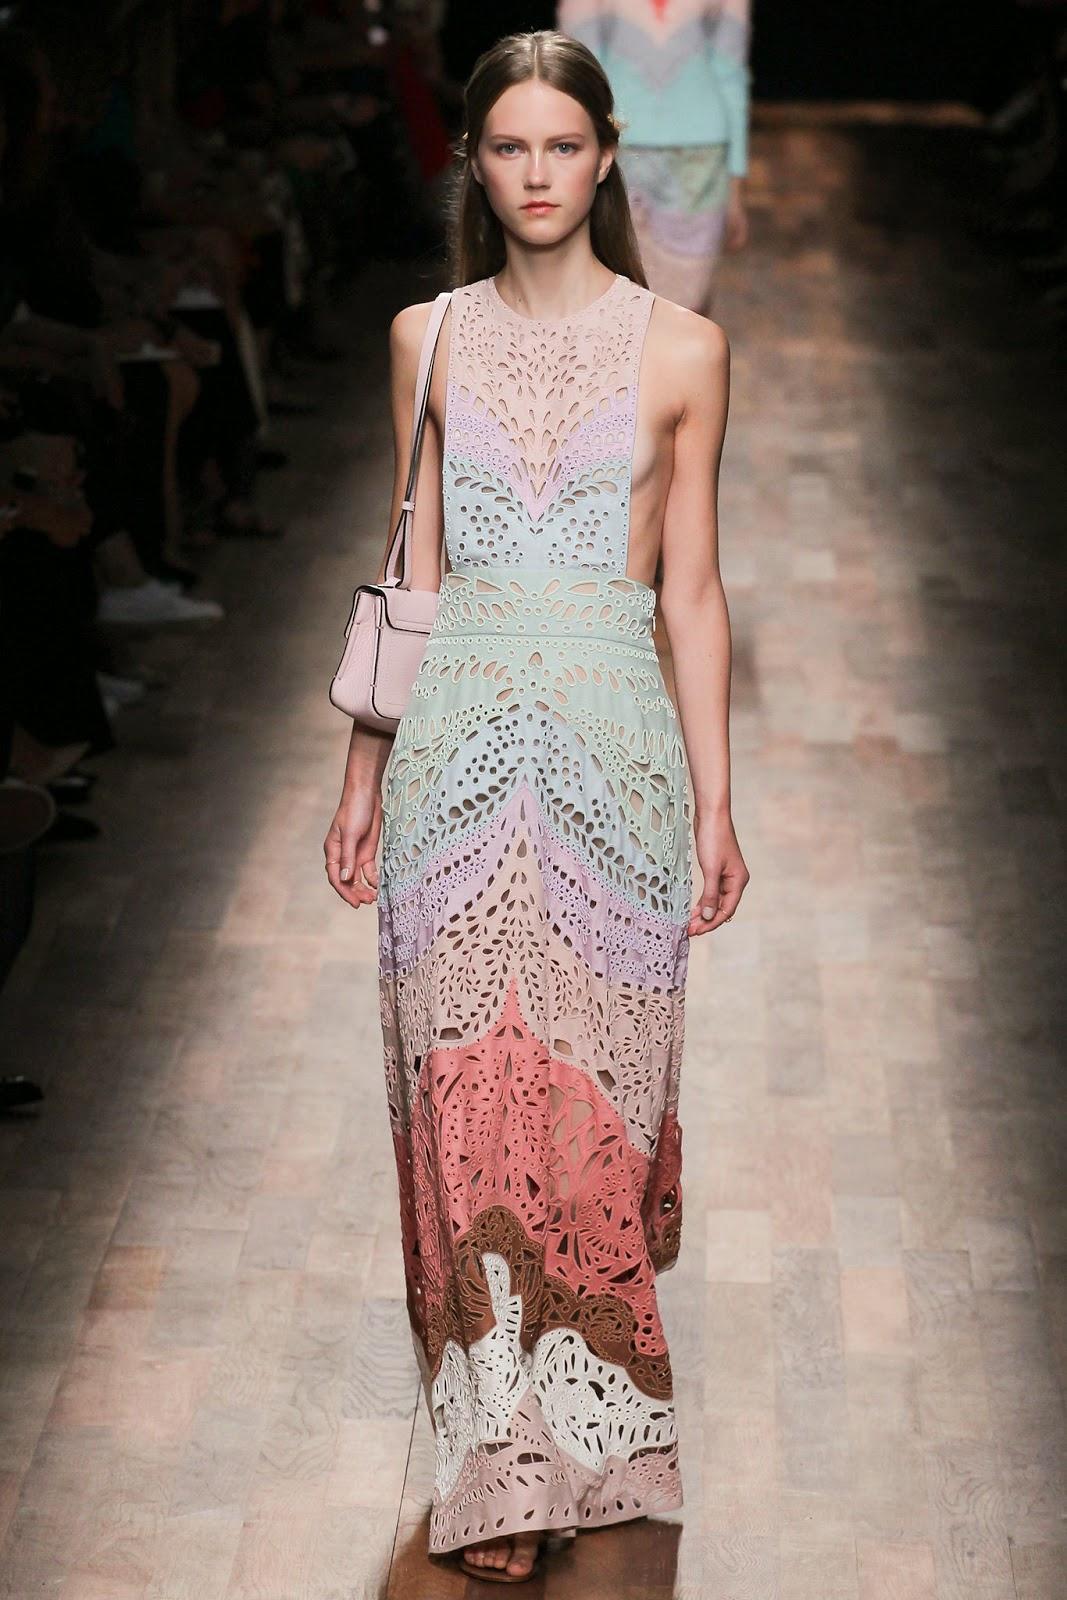 valentino 2015 summer 2016 trend women dress35 Valentino 2015 samling, våren sommaren 2016 Valentino klänning modeller, Valentino kväll klänning nya säsongen kvinnors kjolar modeller